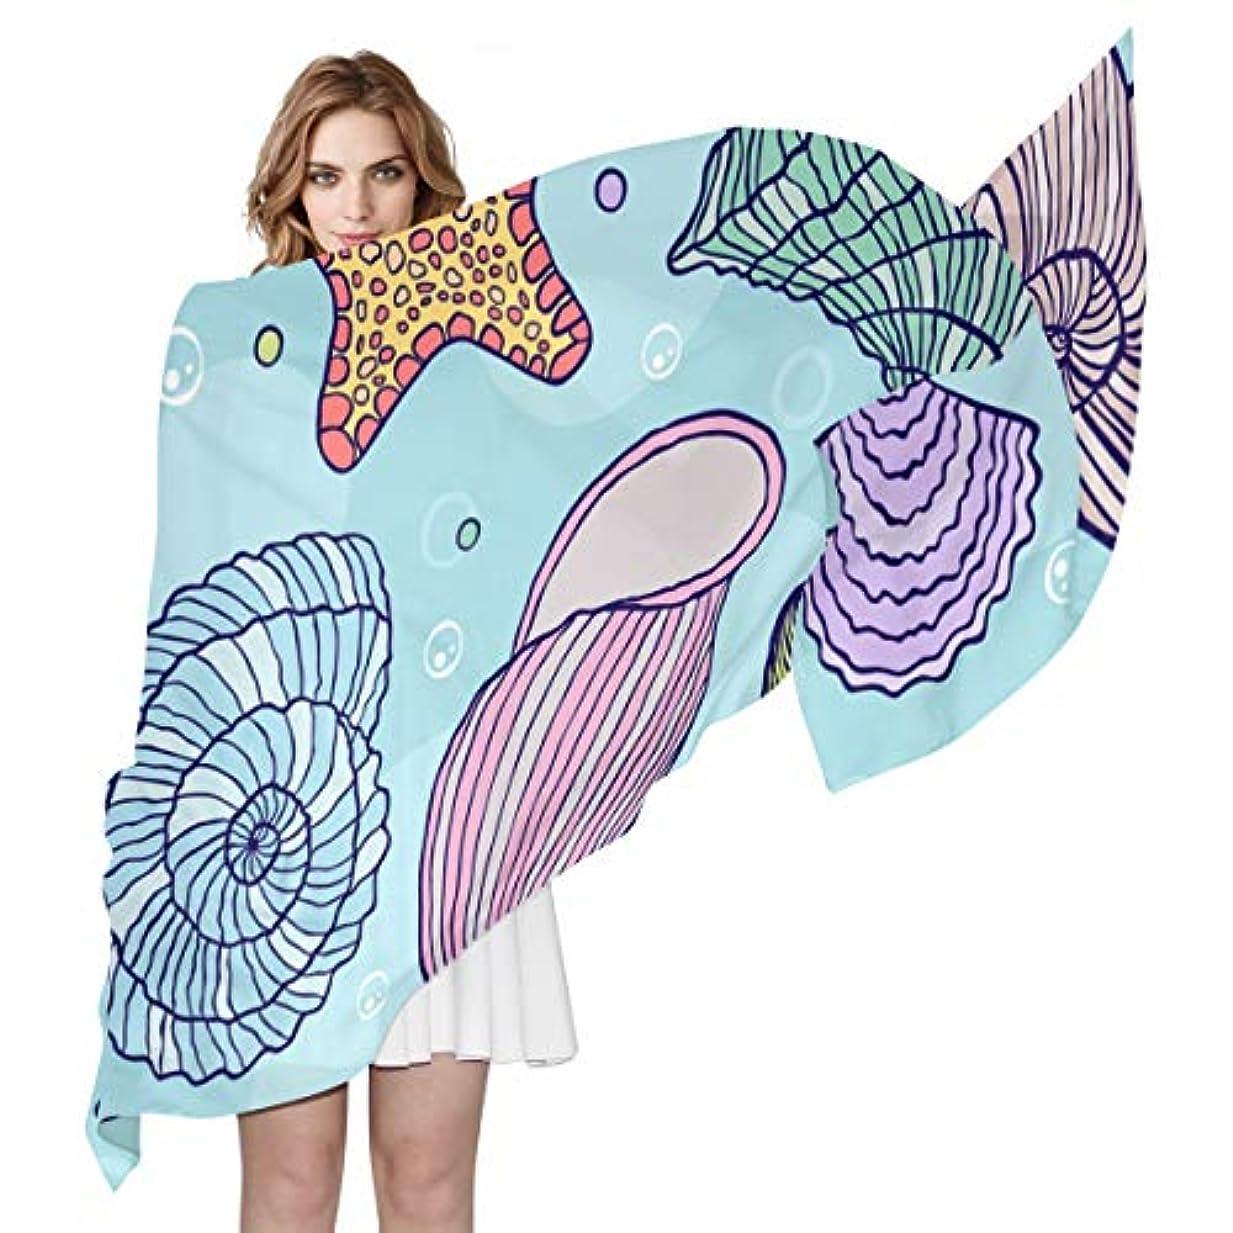 値するシャッフル吸収ユキオ(UKIO) 肌触り抜群 薄手 シフォンシルク ロング スカーフ ストール バンダナ おしゃれ 貝類 海洋風 彼女 子供 贈り物 ギフト 母の日 誕生日 プレゼント レディース バレンタインデー かわいい